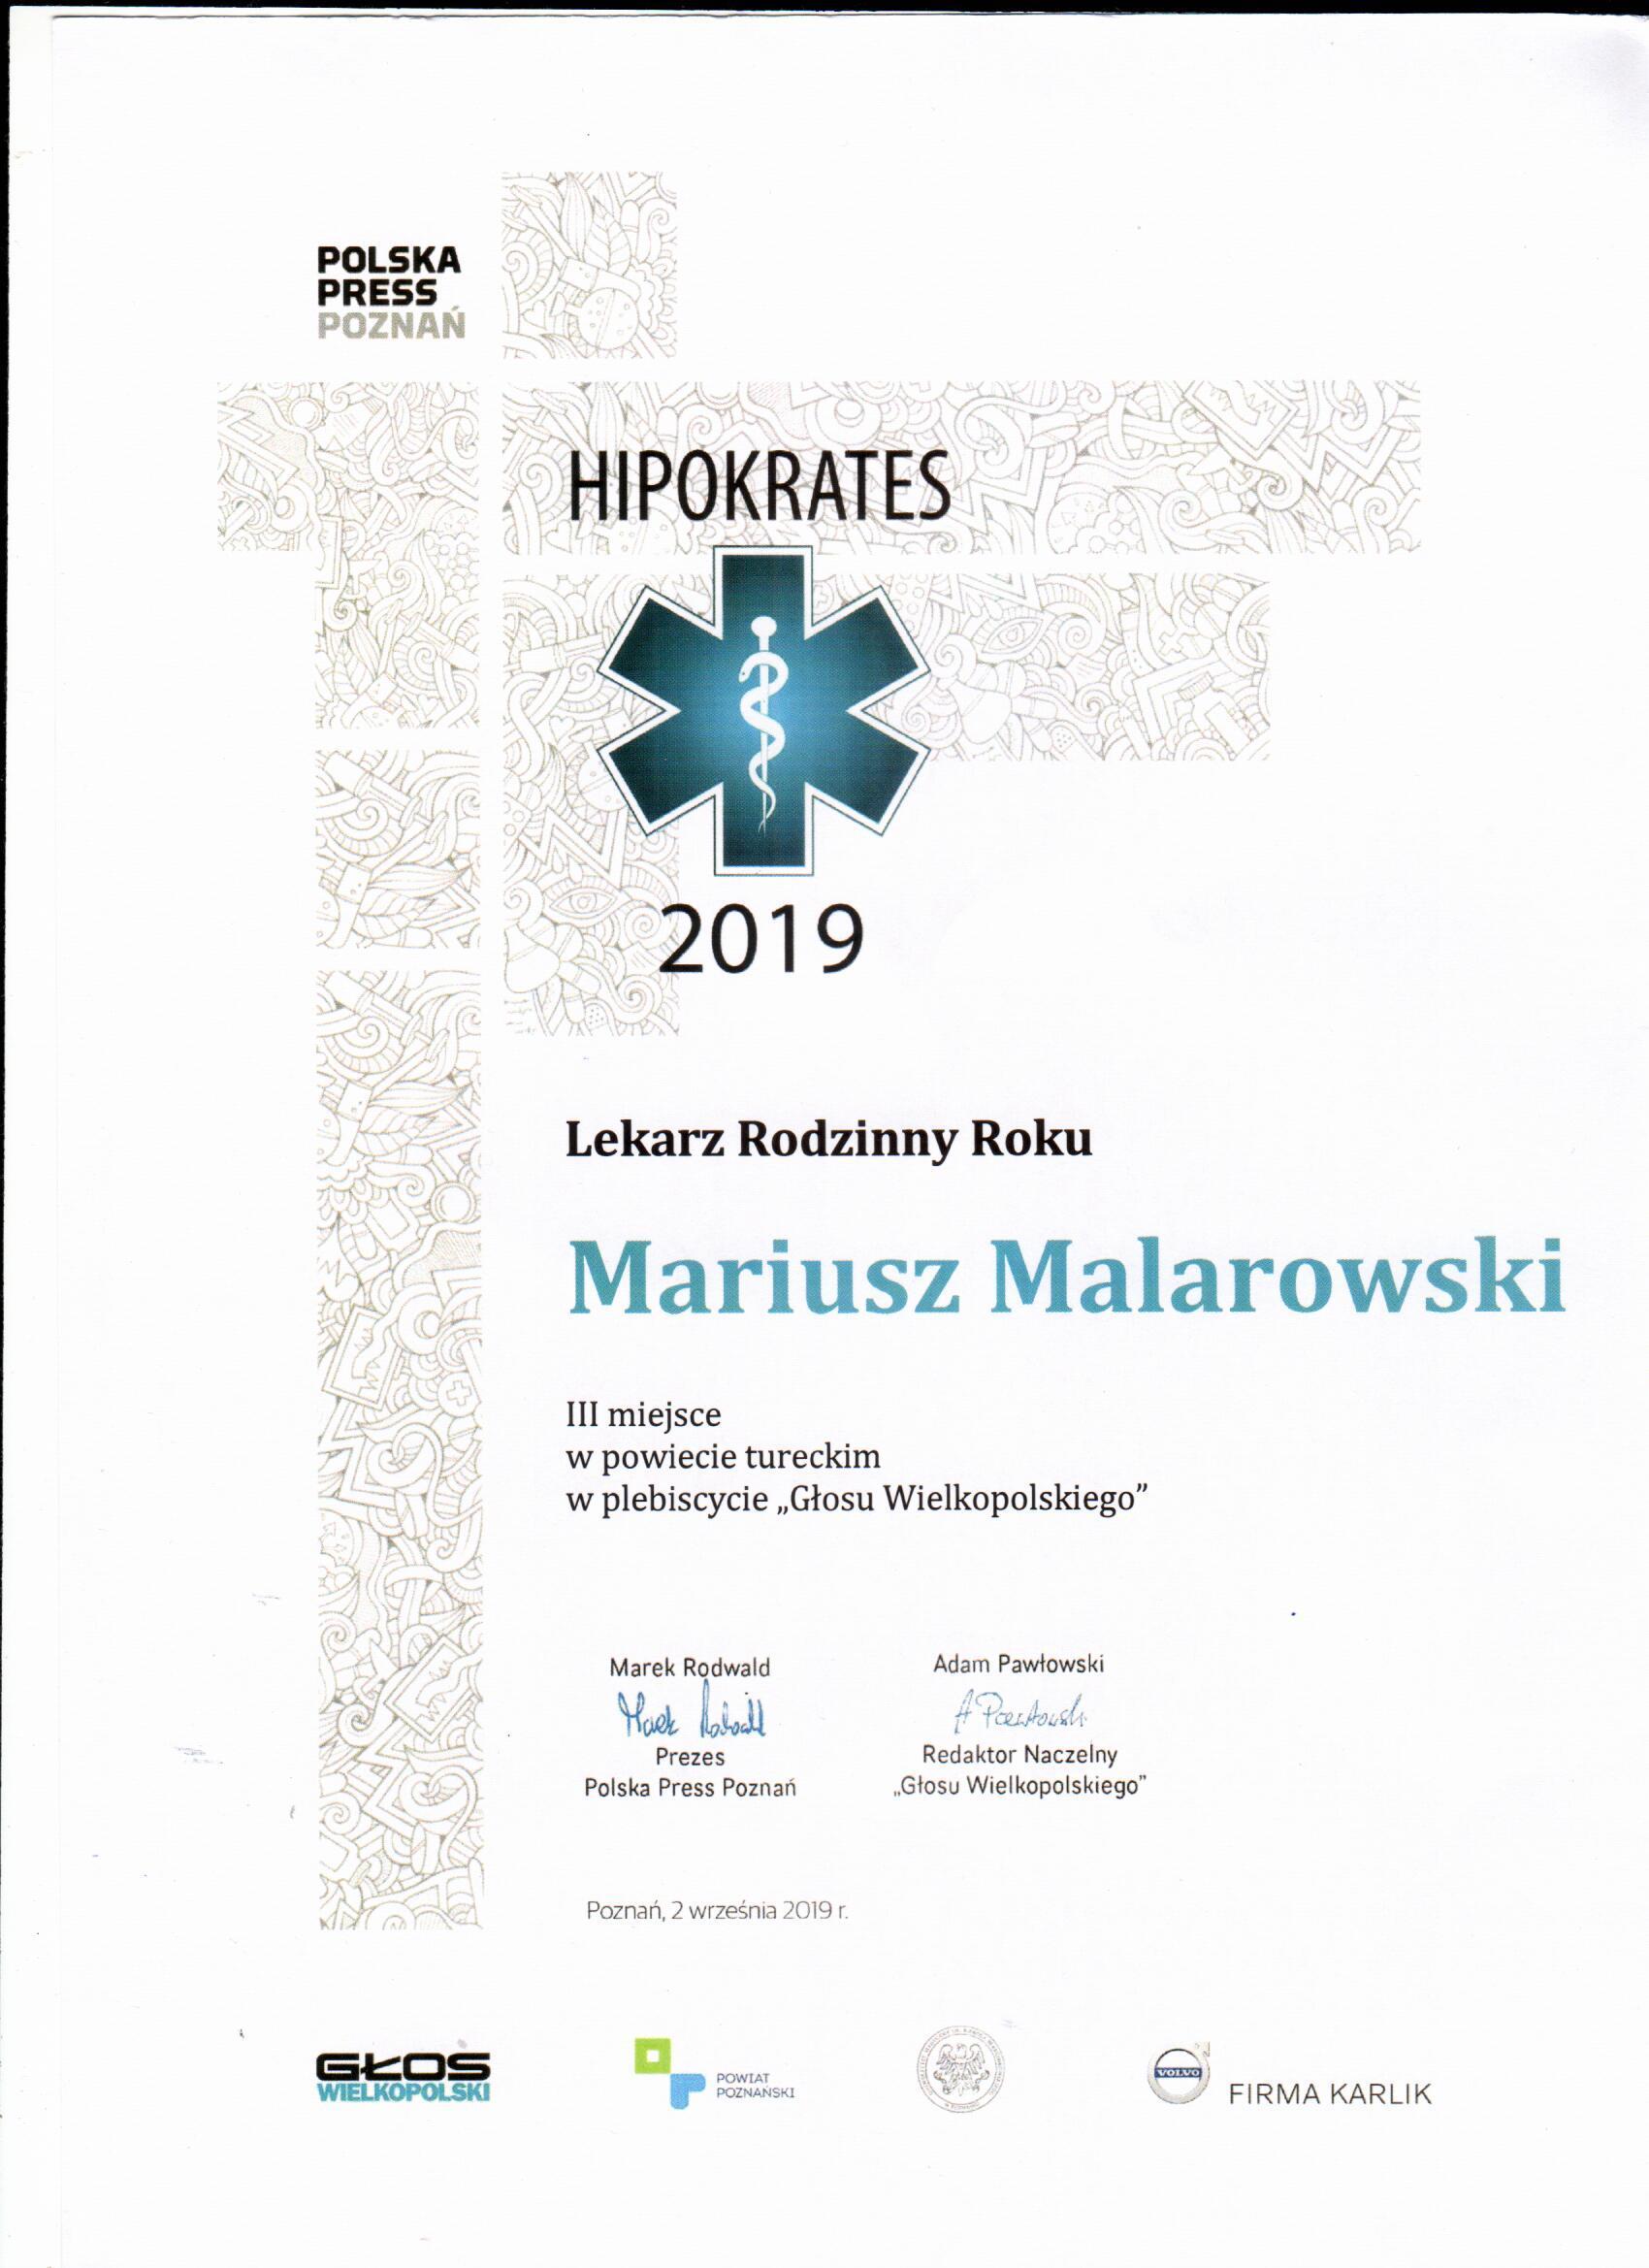 Hipokrates 2019